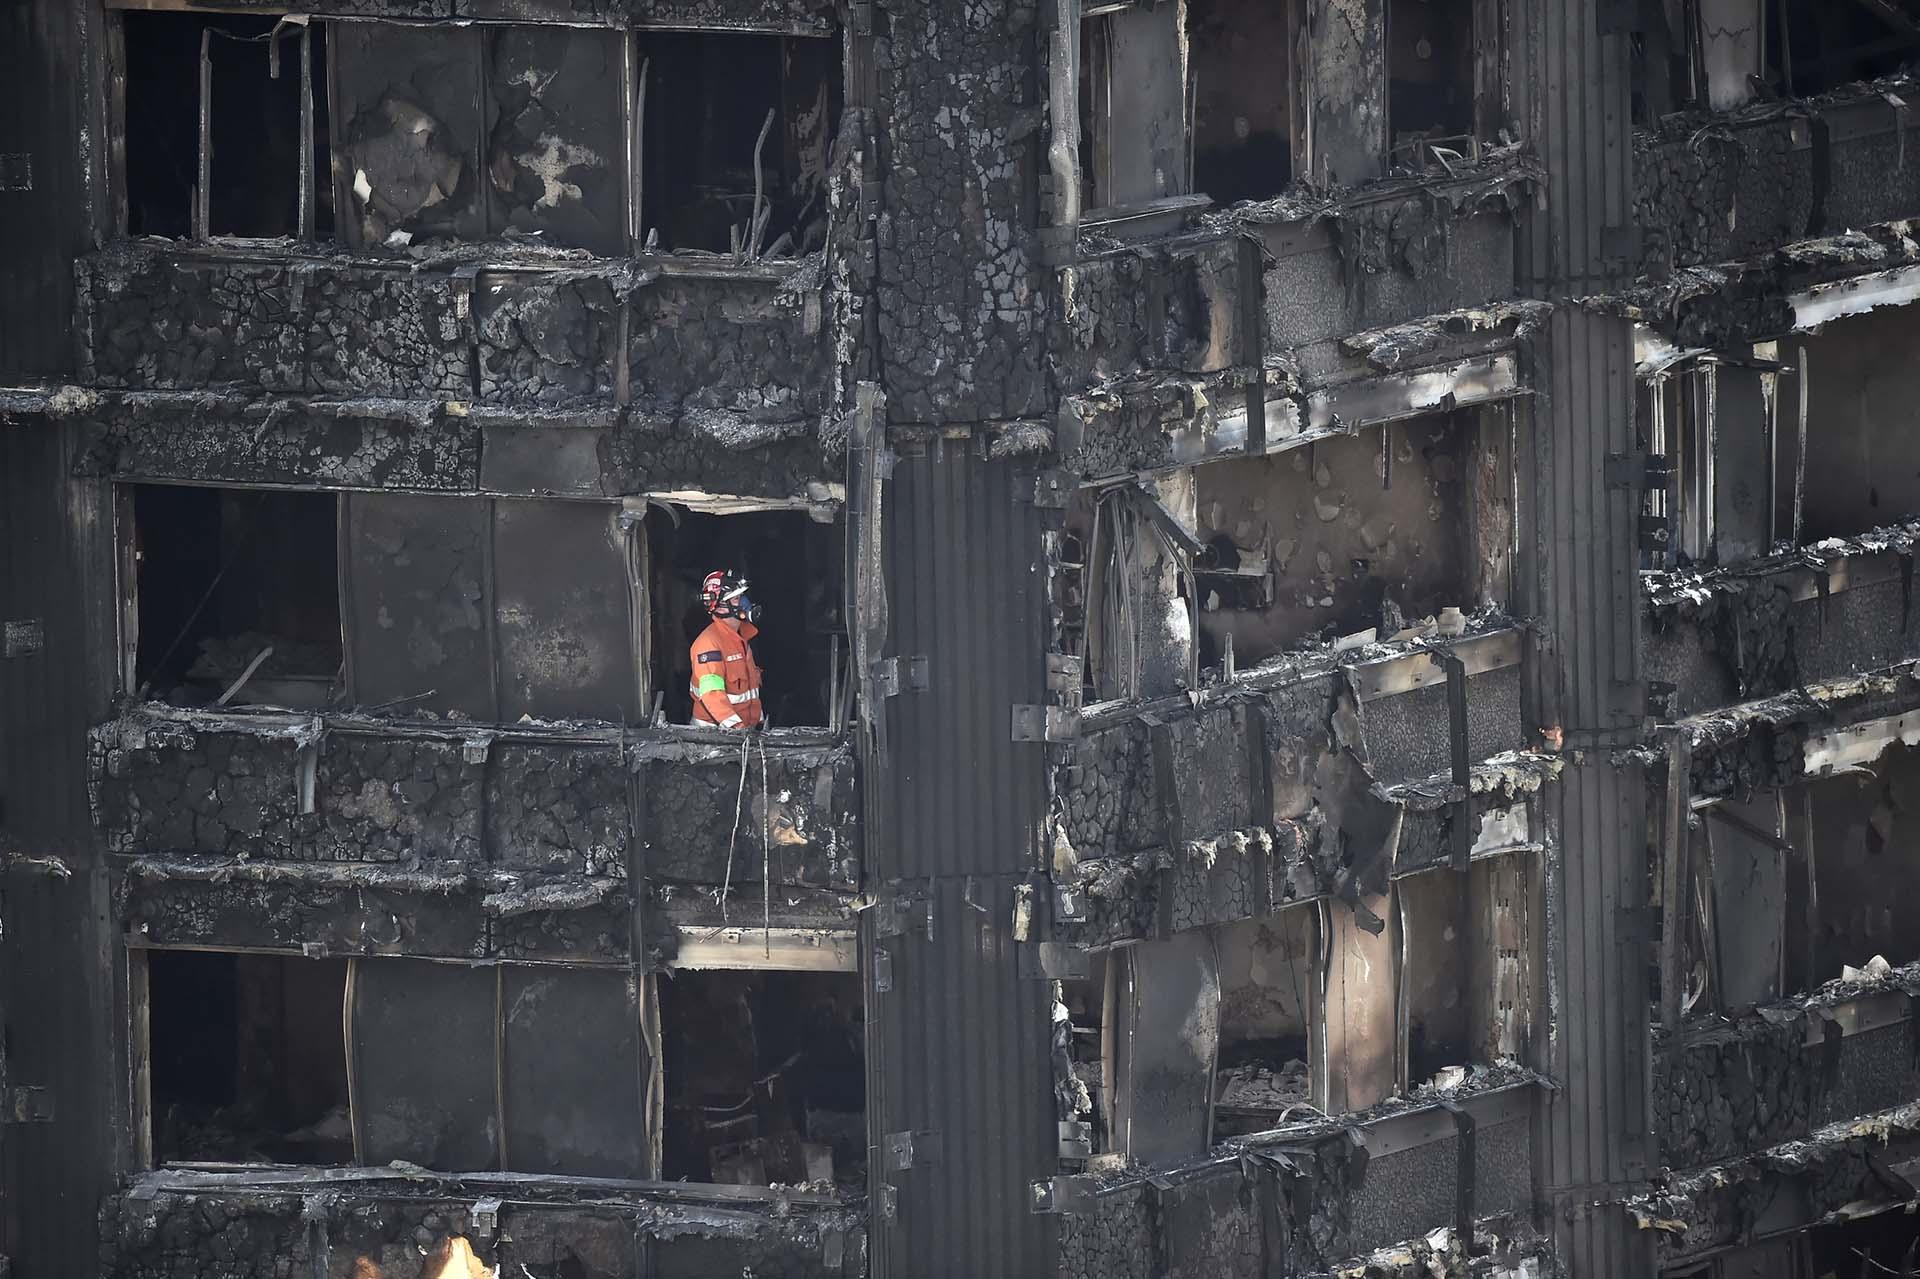 Un miembro de los servicios de emergencia trabaja dentro de la torre de apartamentos Grenfell en North Kensington, Londres